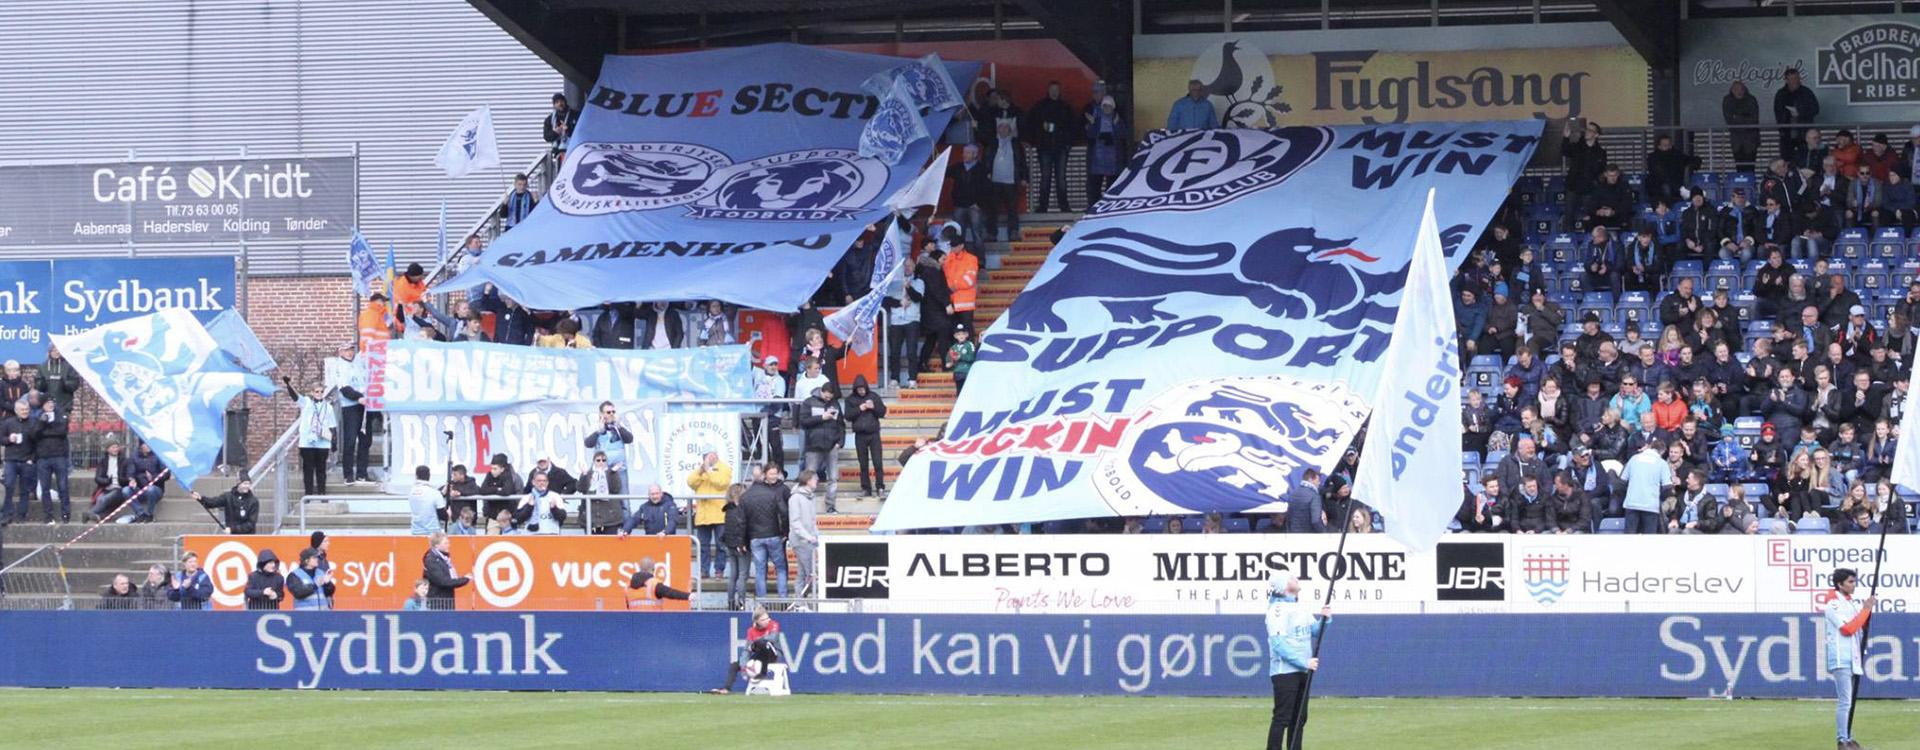 sønderjyske fodbold kampprogram